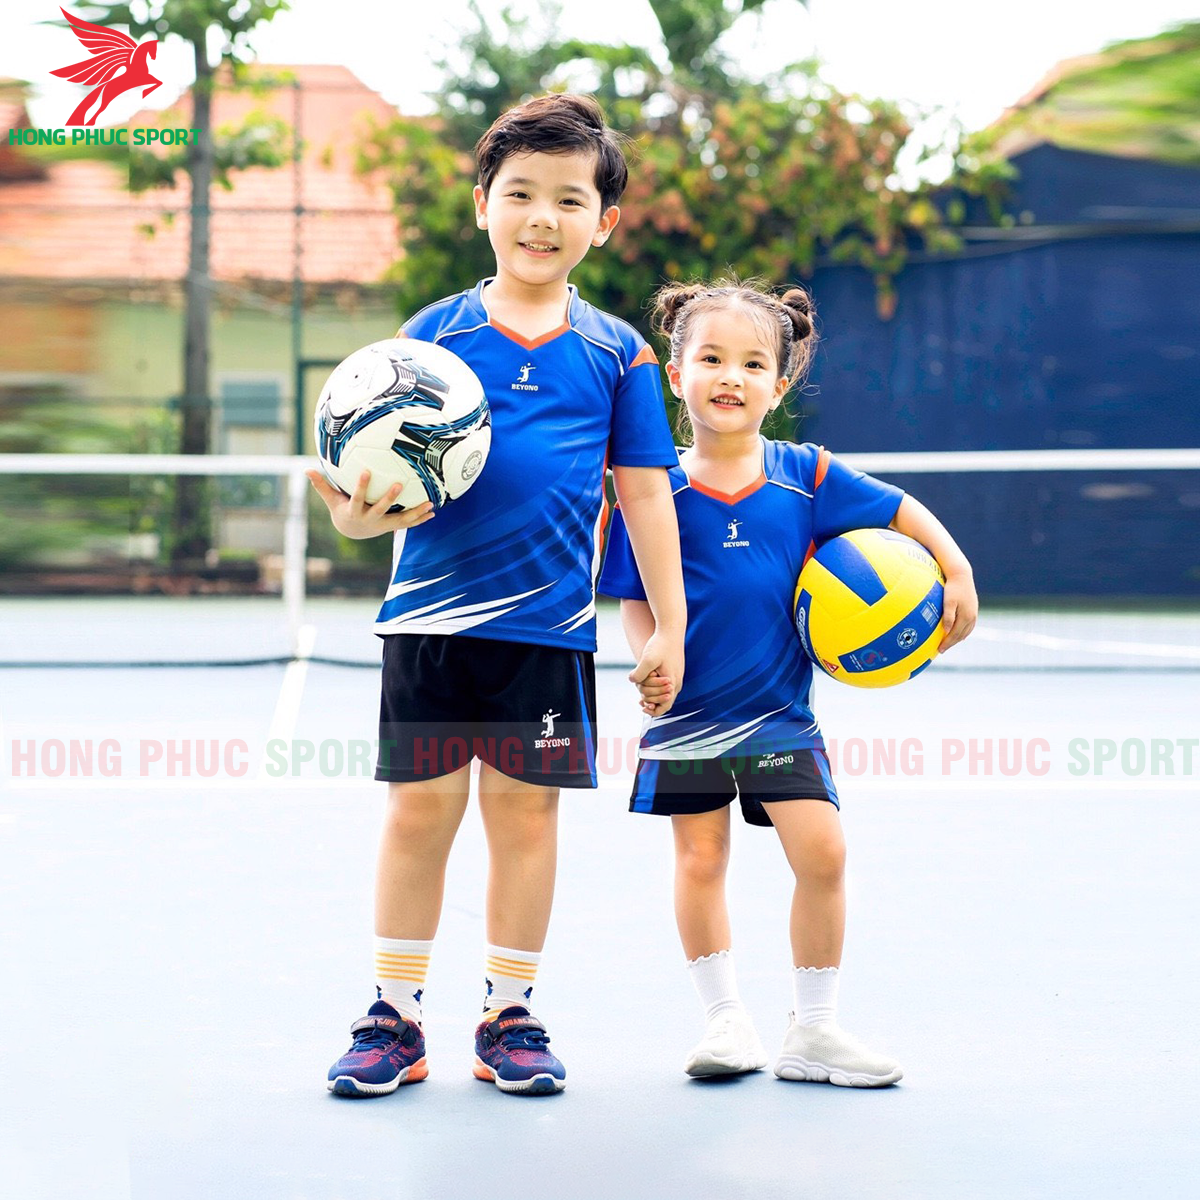 Áo bóng chuyền trẻ em Beyono 2020 Striving màu xanh